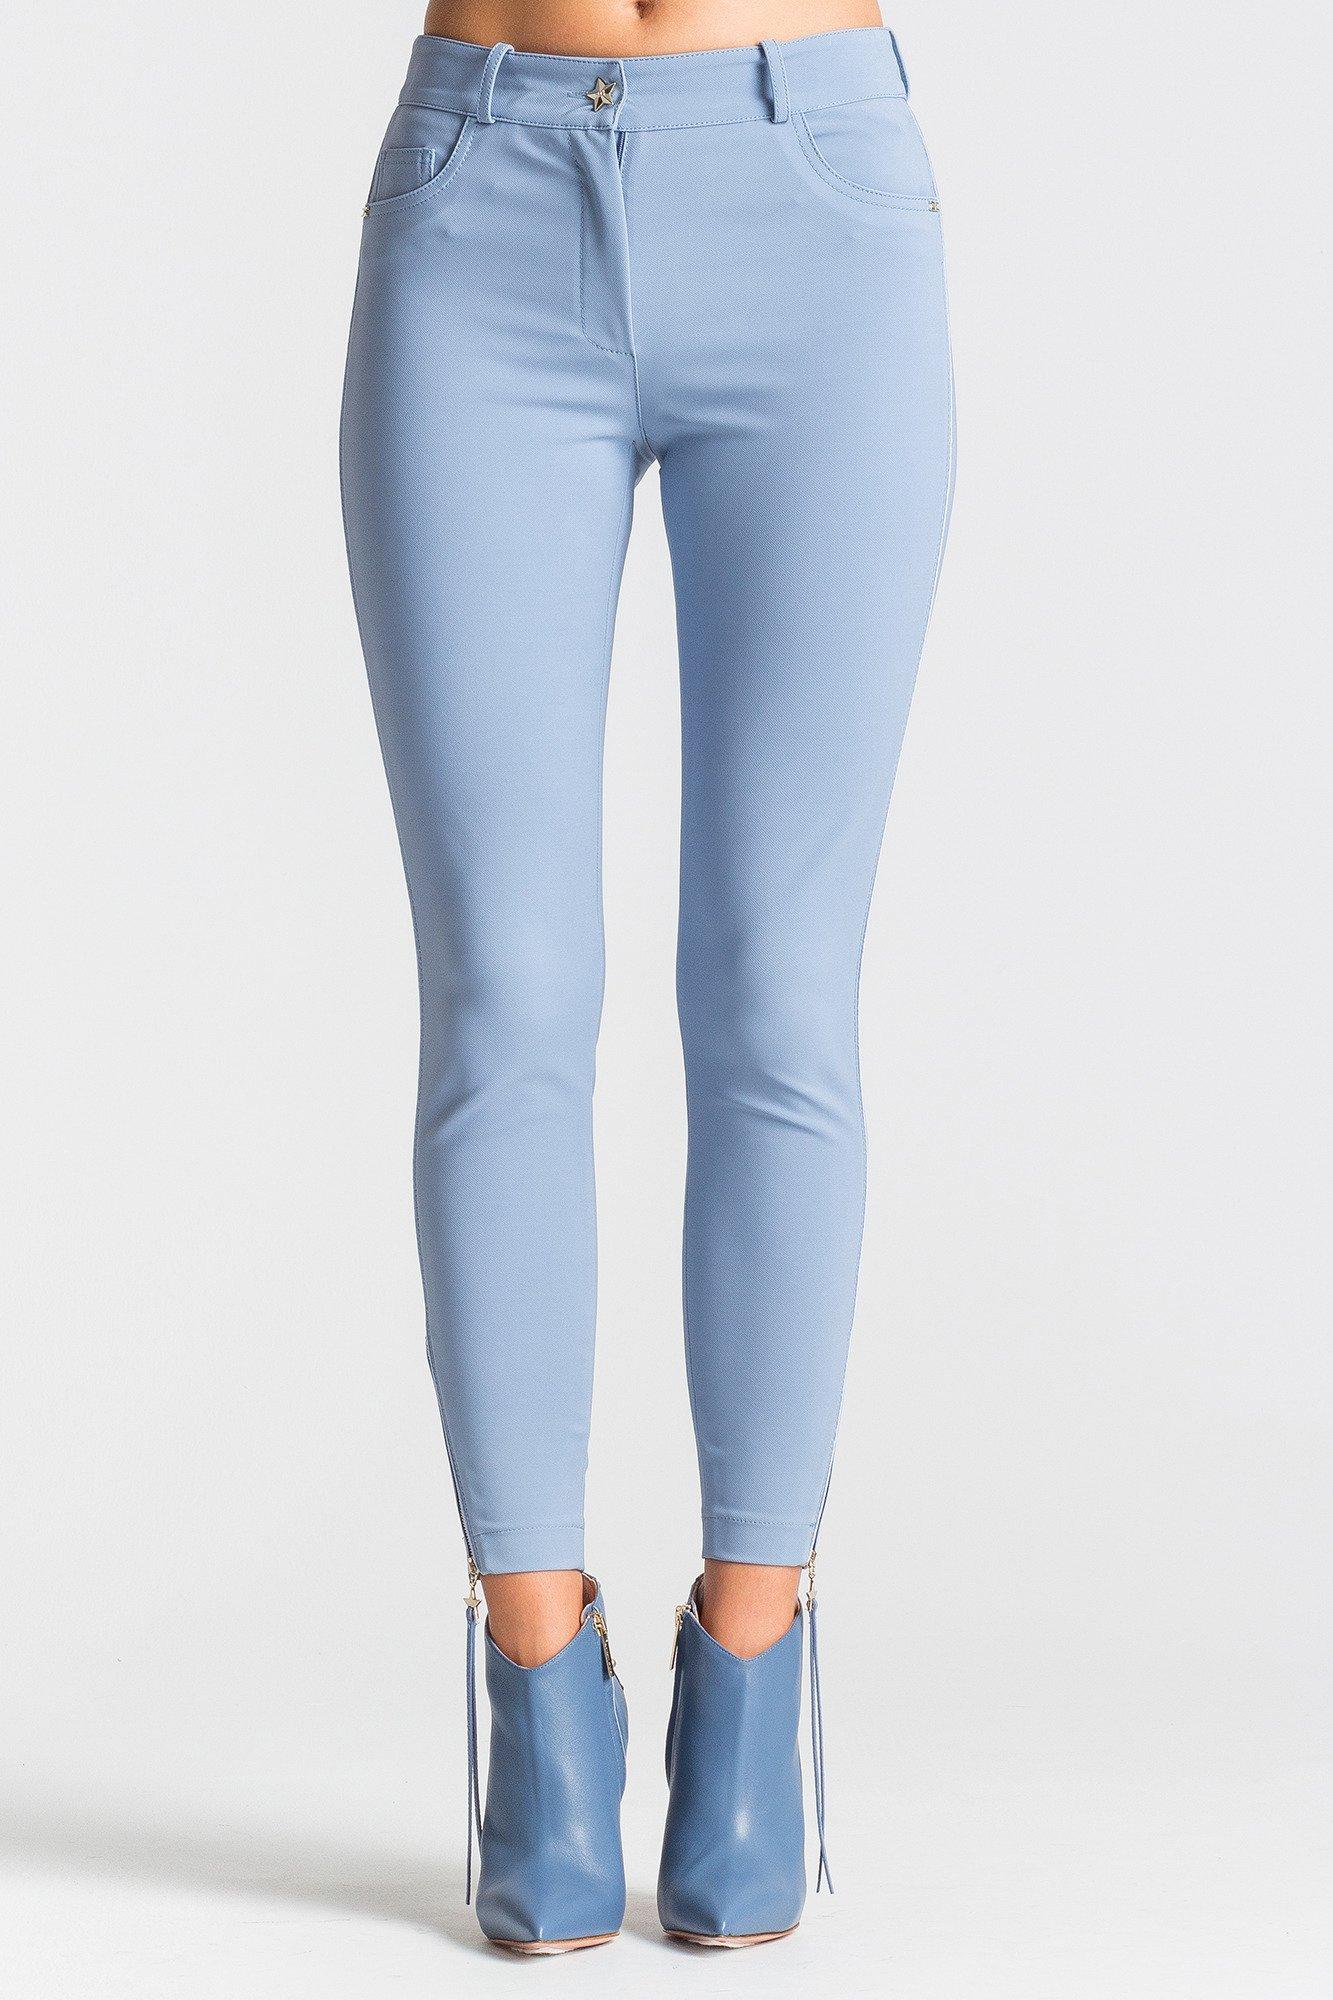 5eb39b46 Niebieskie spodnie damskie skinny fit